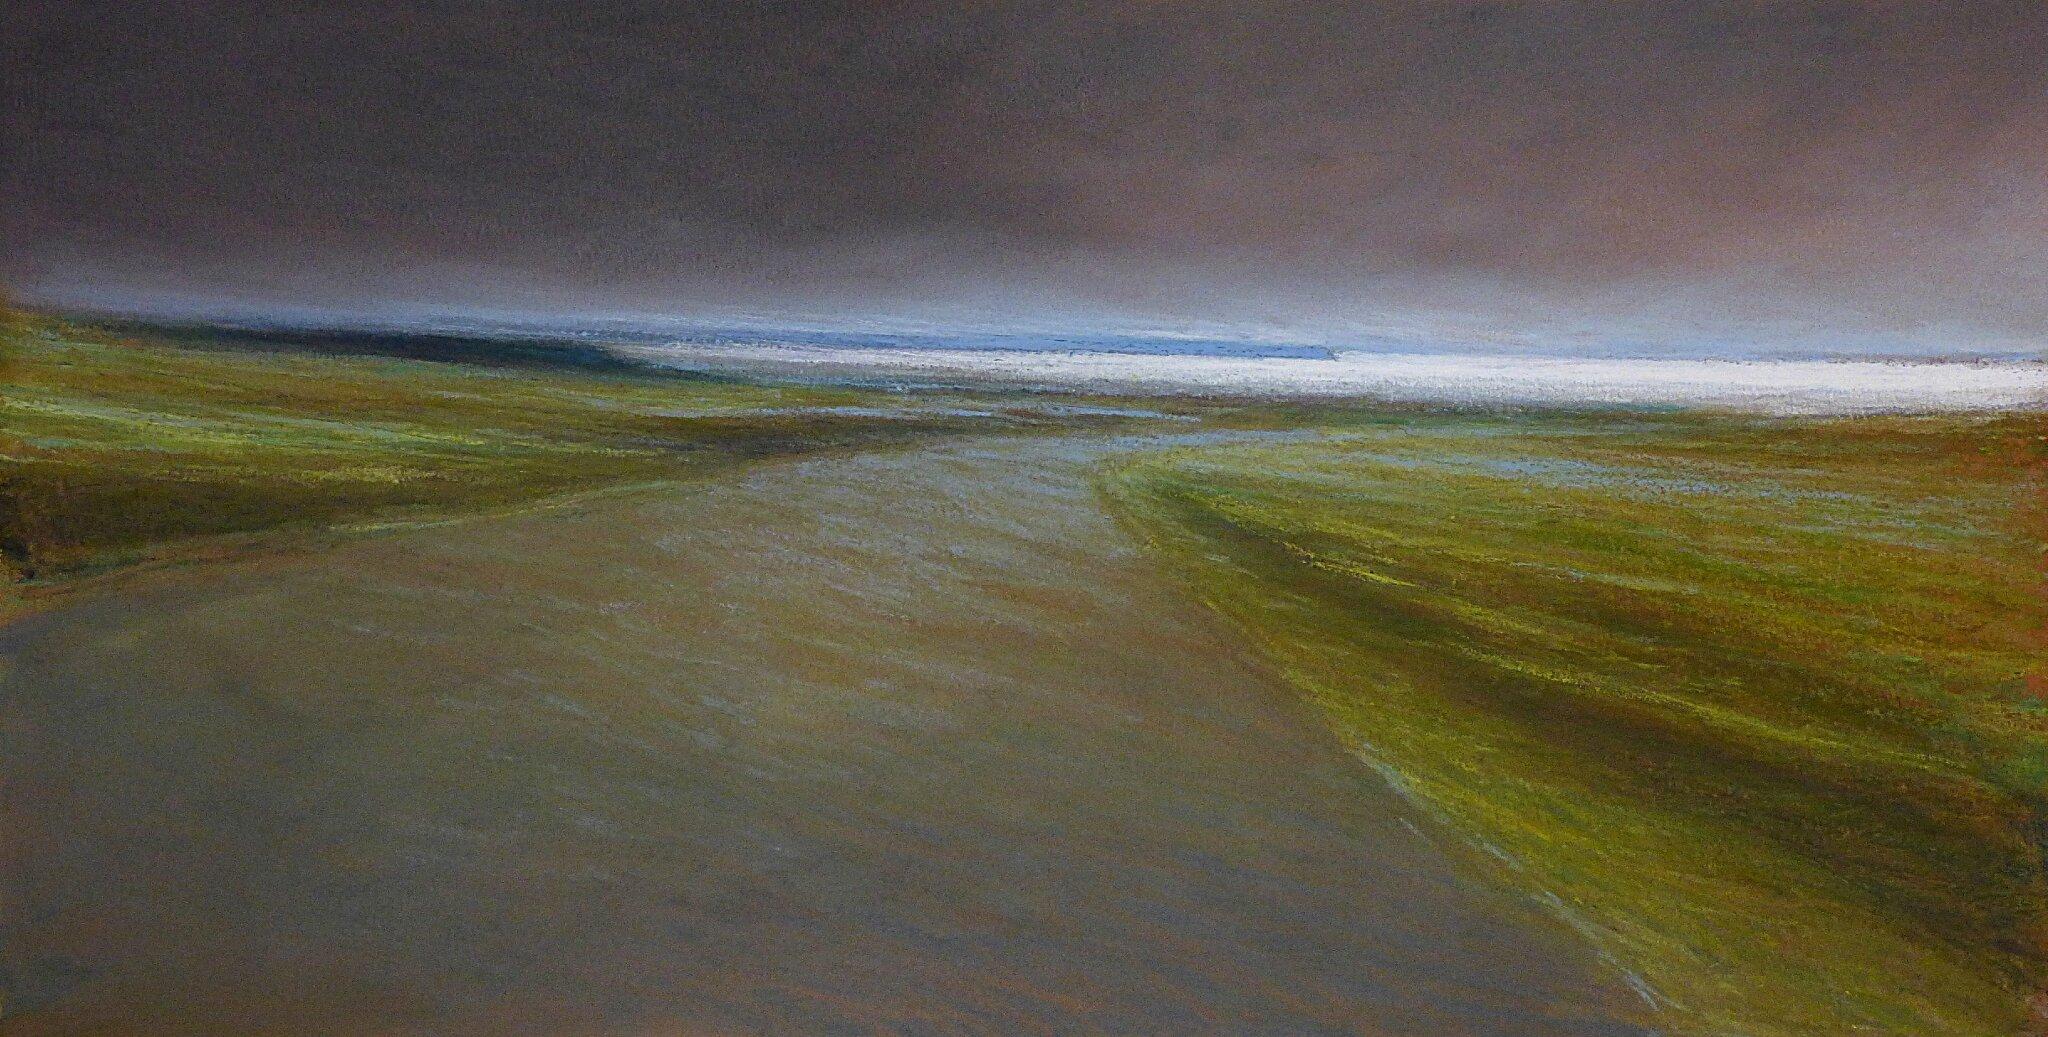 horizon elevation 76, janv 2017, pastel à l'huile, 48 x 32 cm